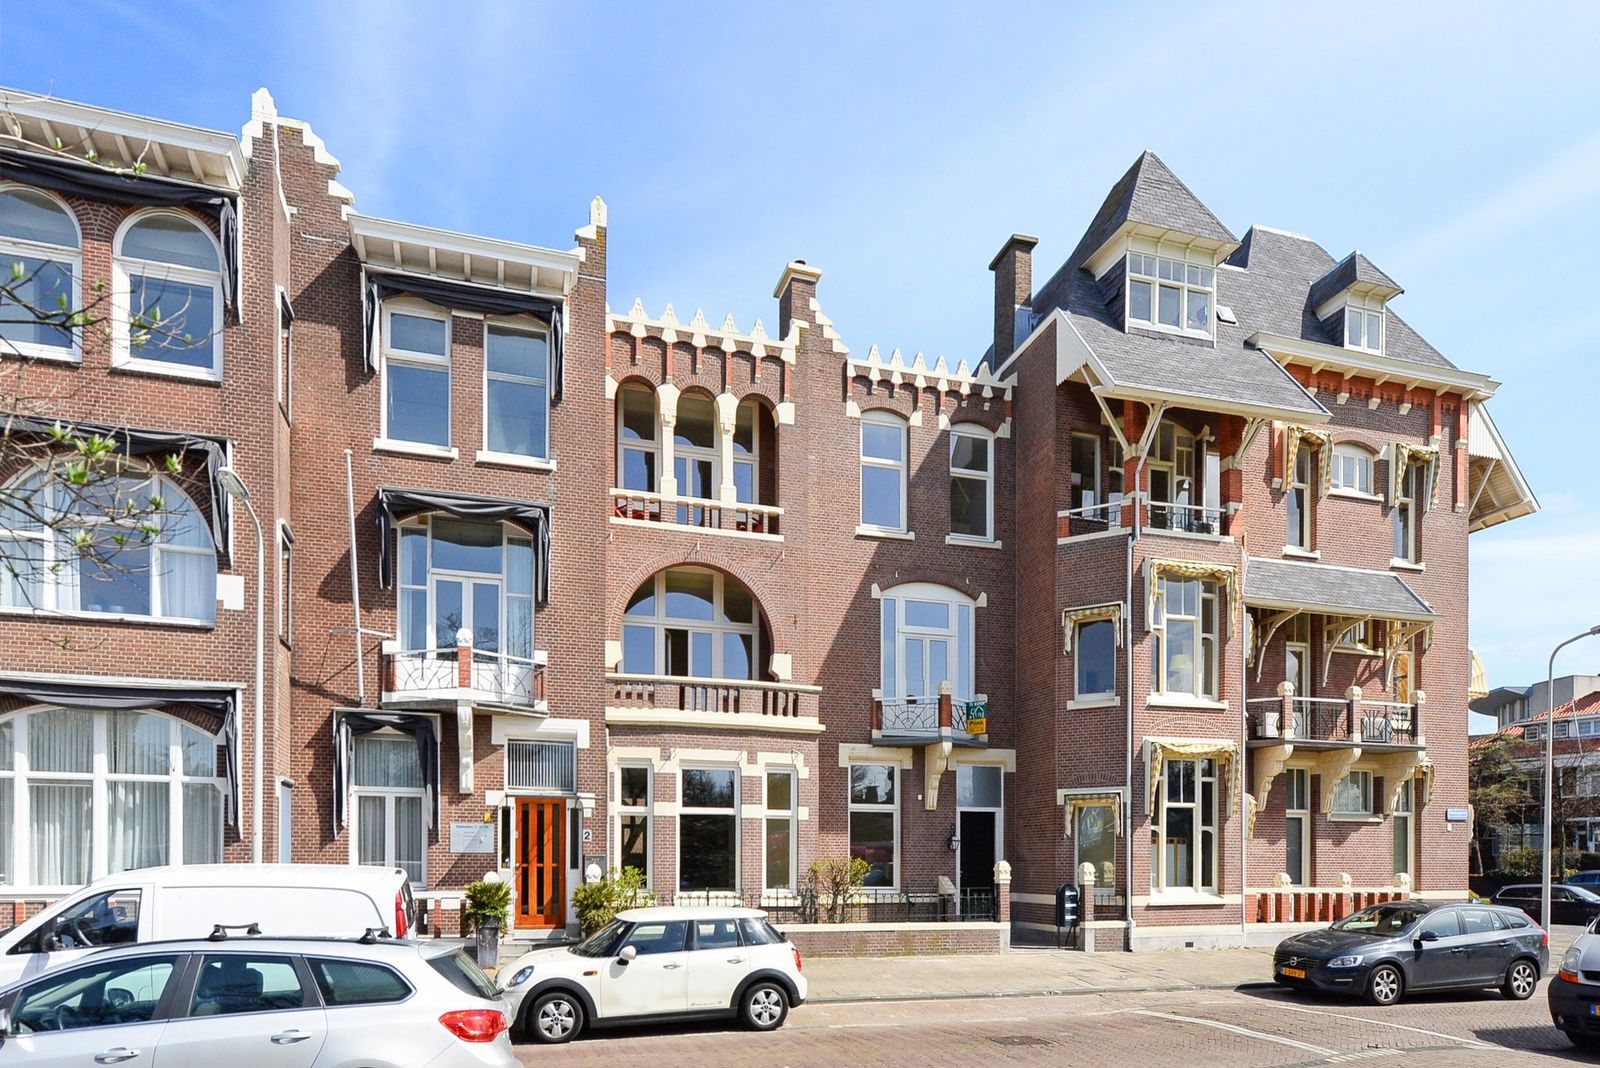 Statenplein 1, 's-gravenhage